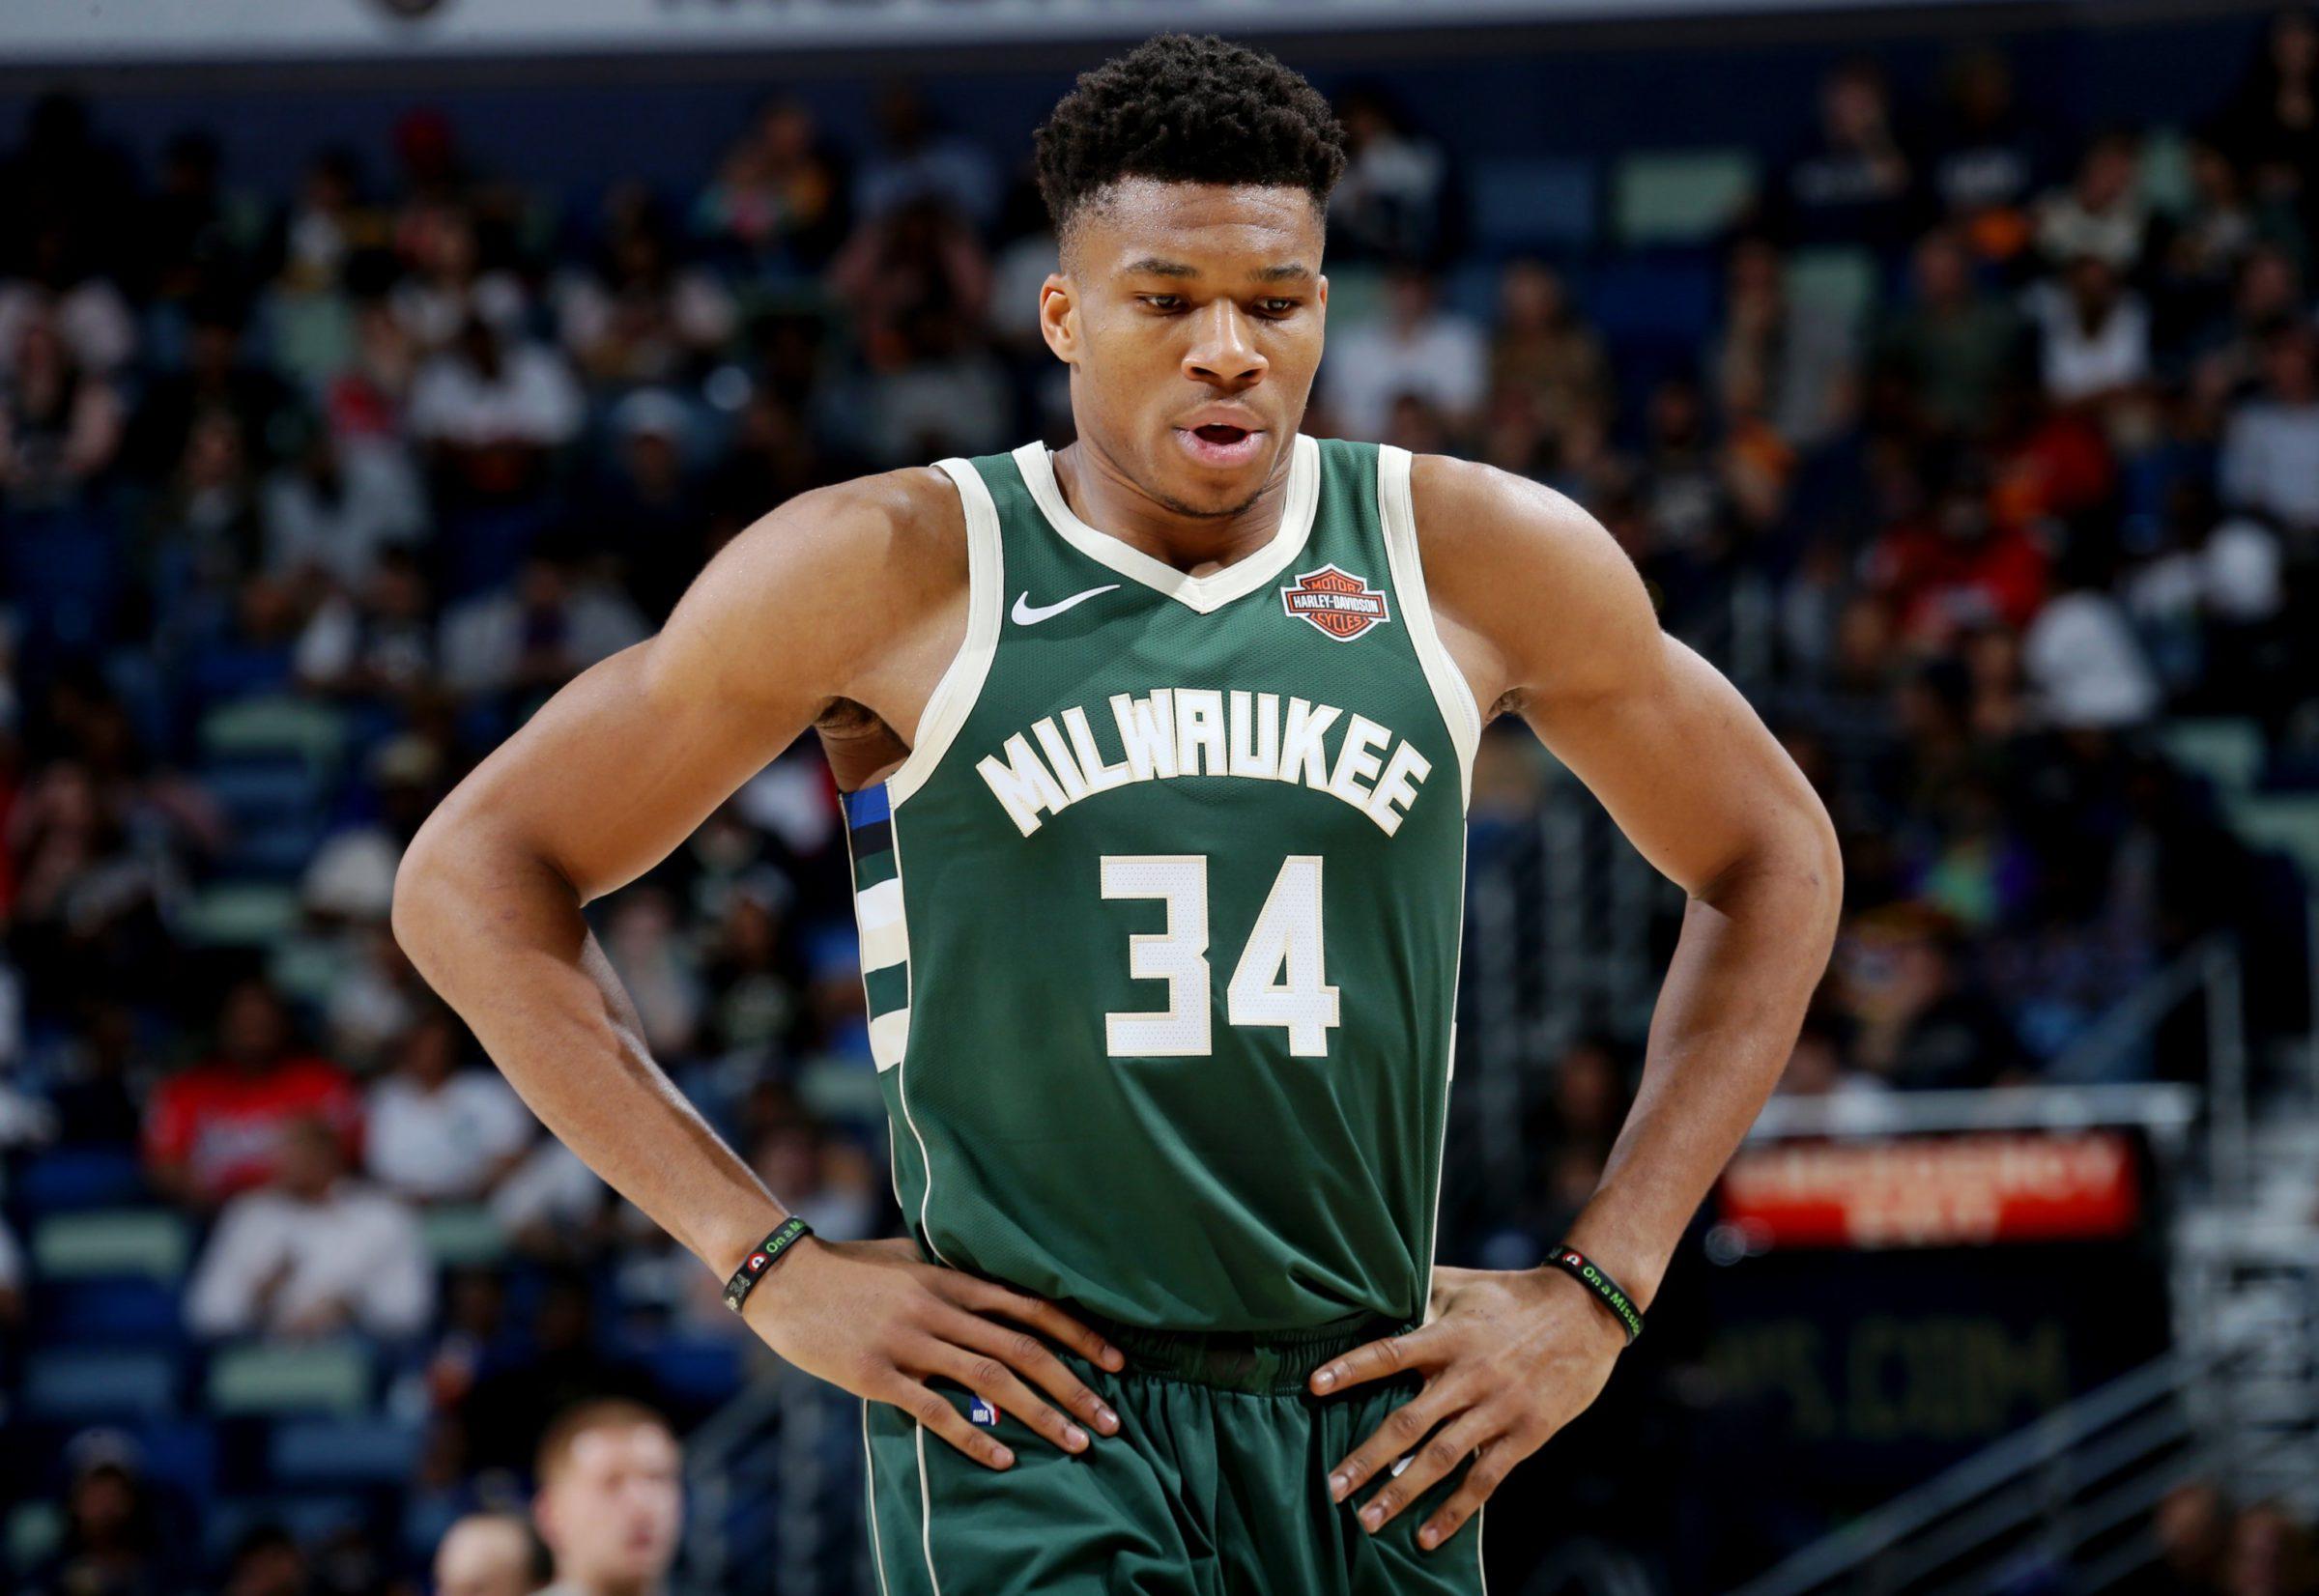 Antetokounmpo, the reigning Kia NBA MVP,